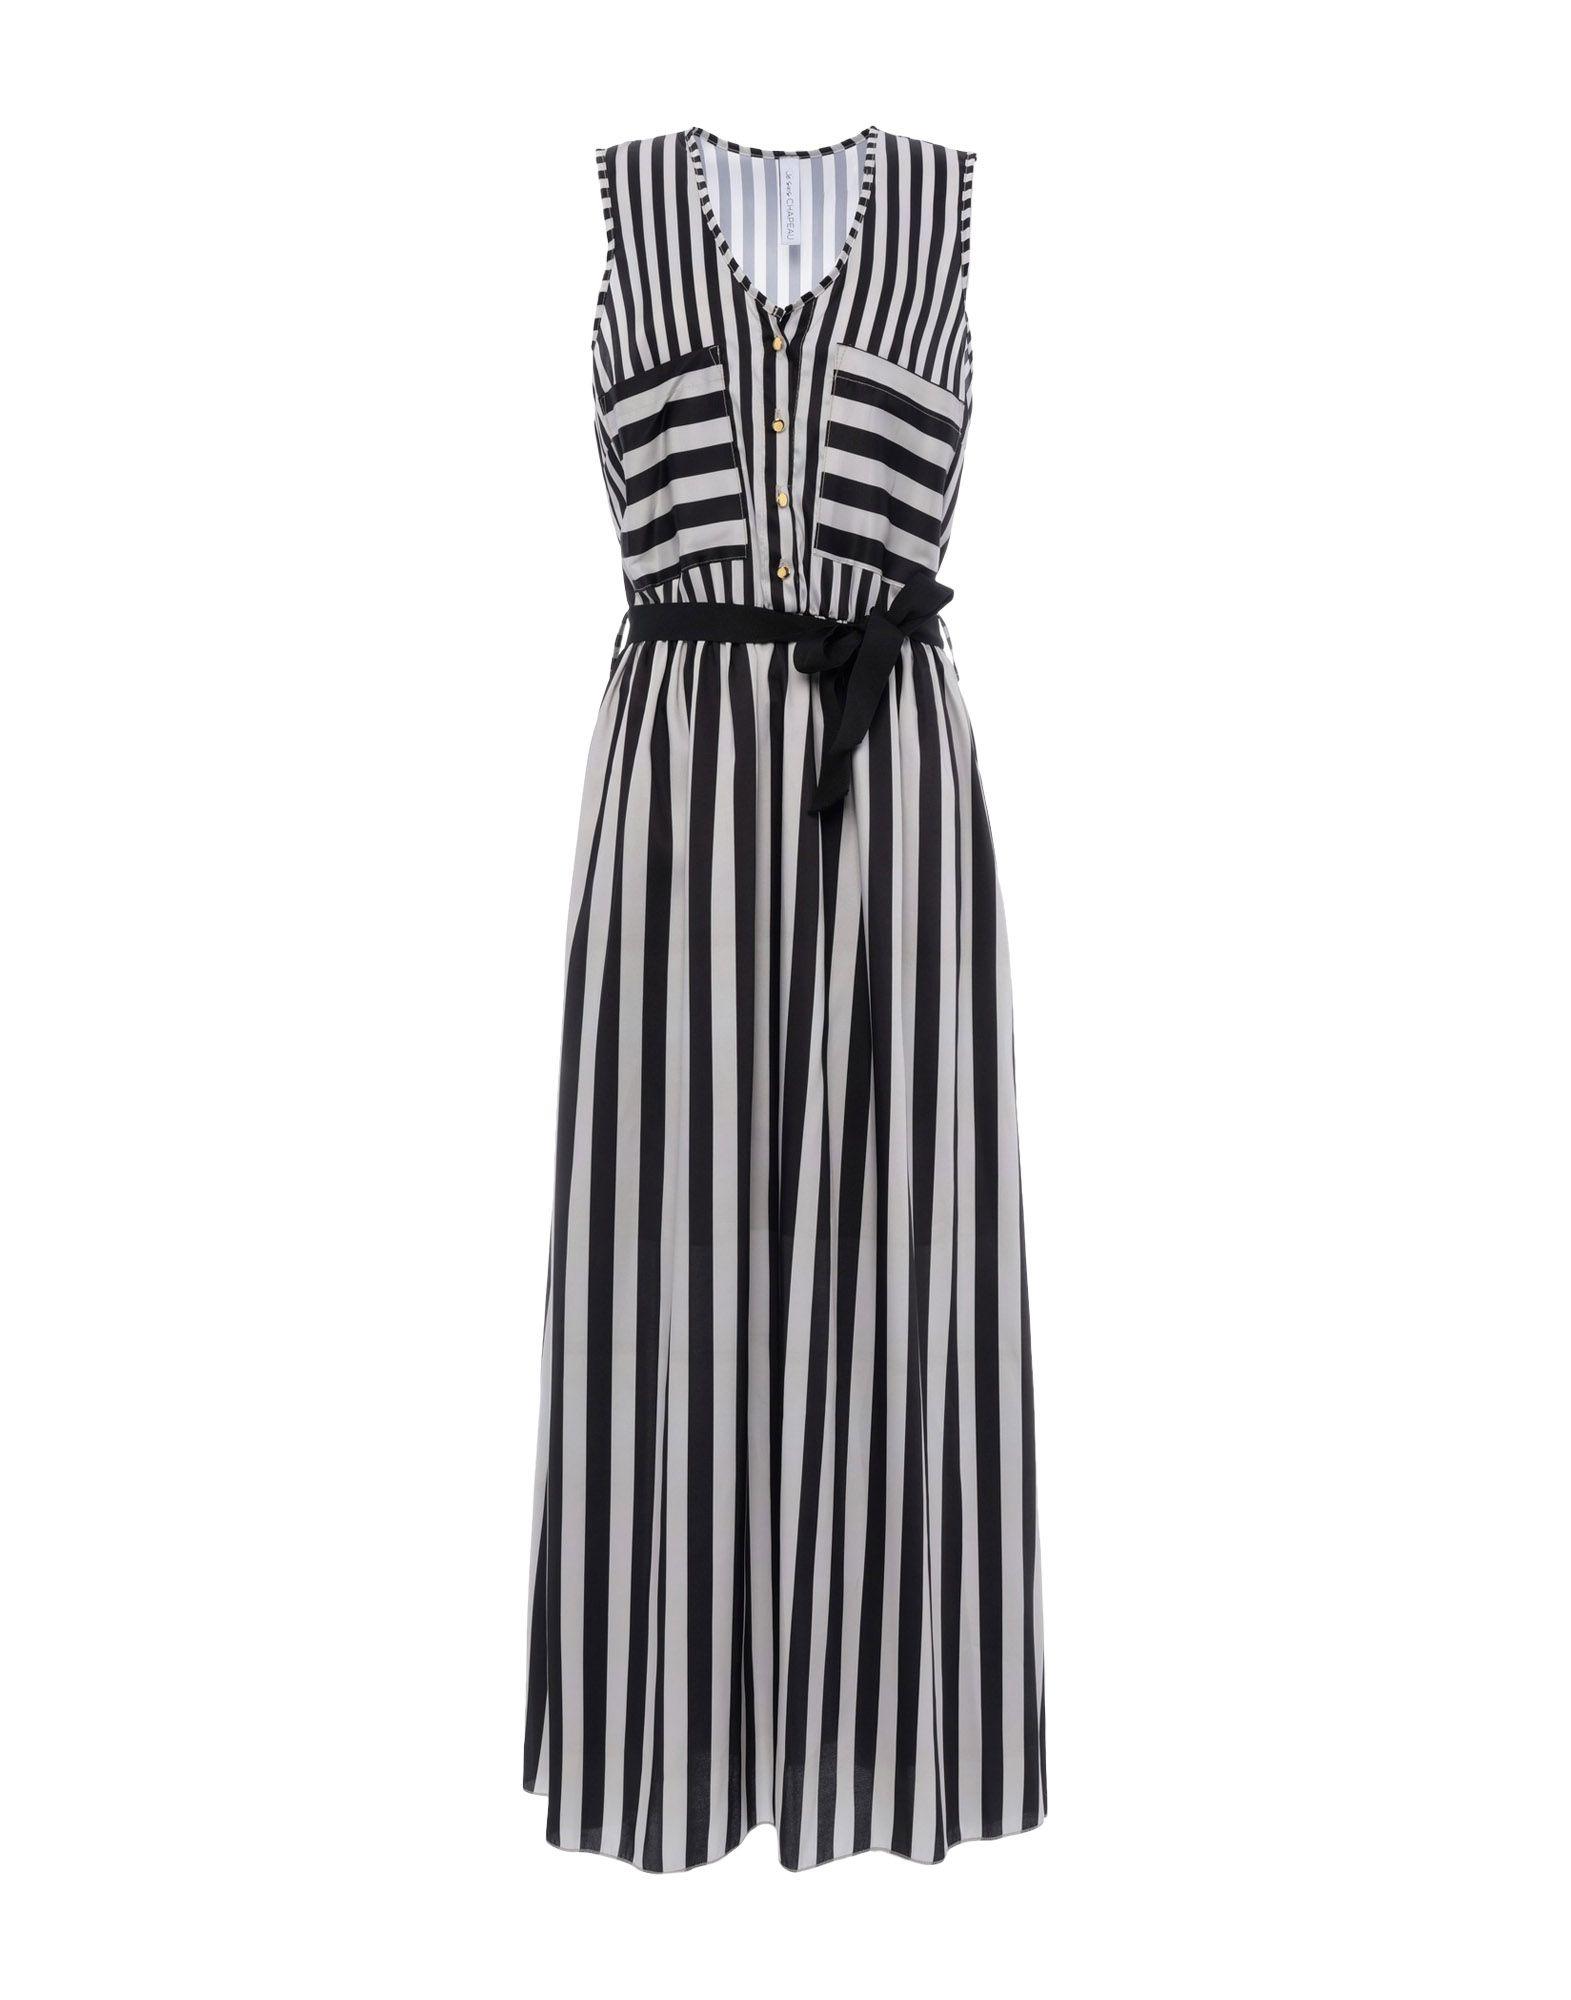 《送料無料》JE SUIS CHAPEAU レディース ロングワンピース&ドレス ブラック S ポリエステル 100%